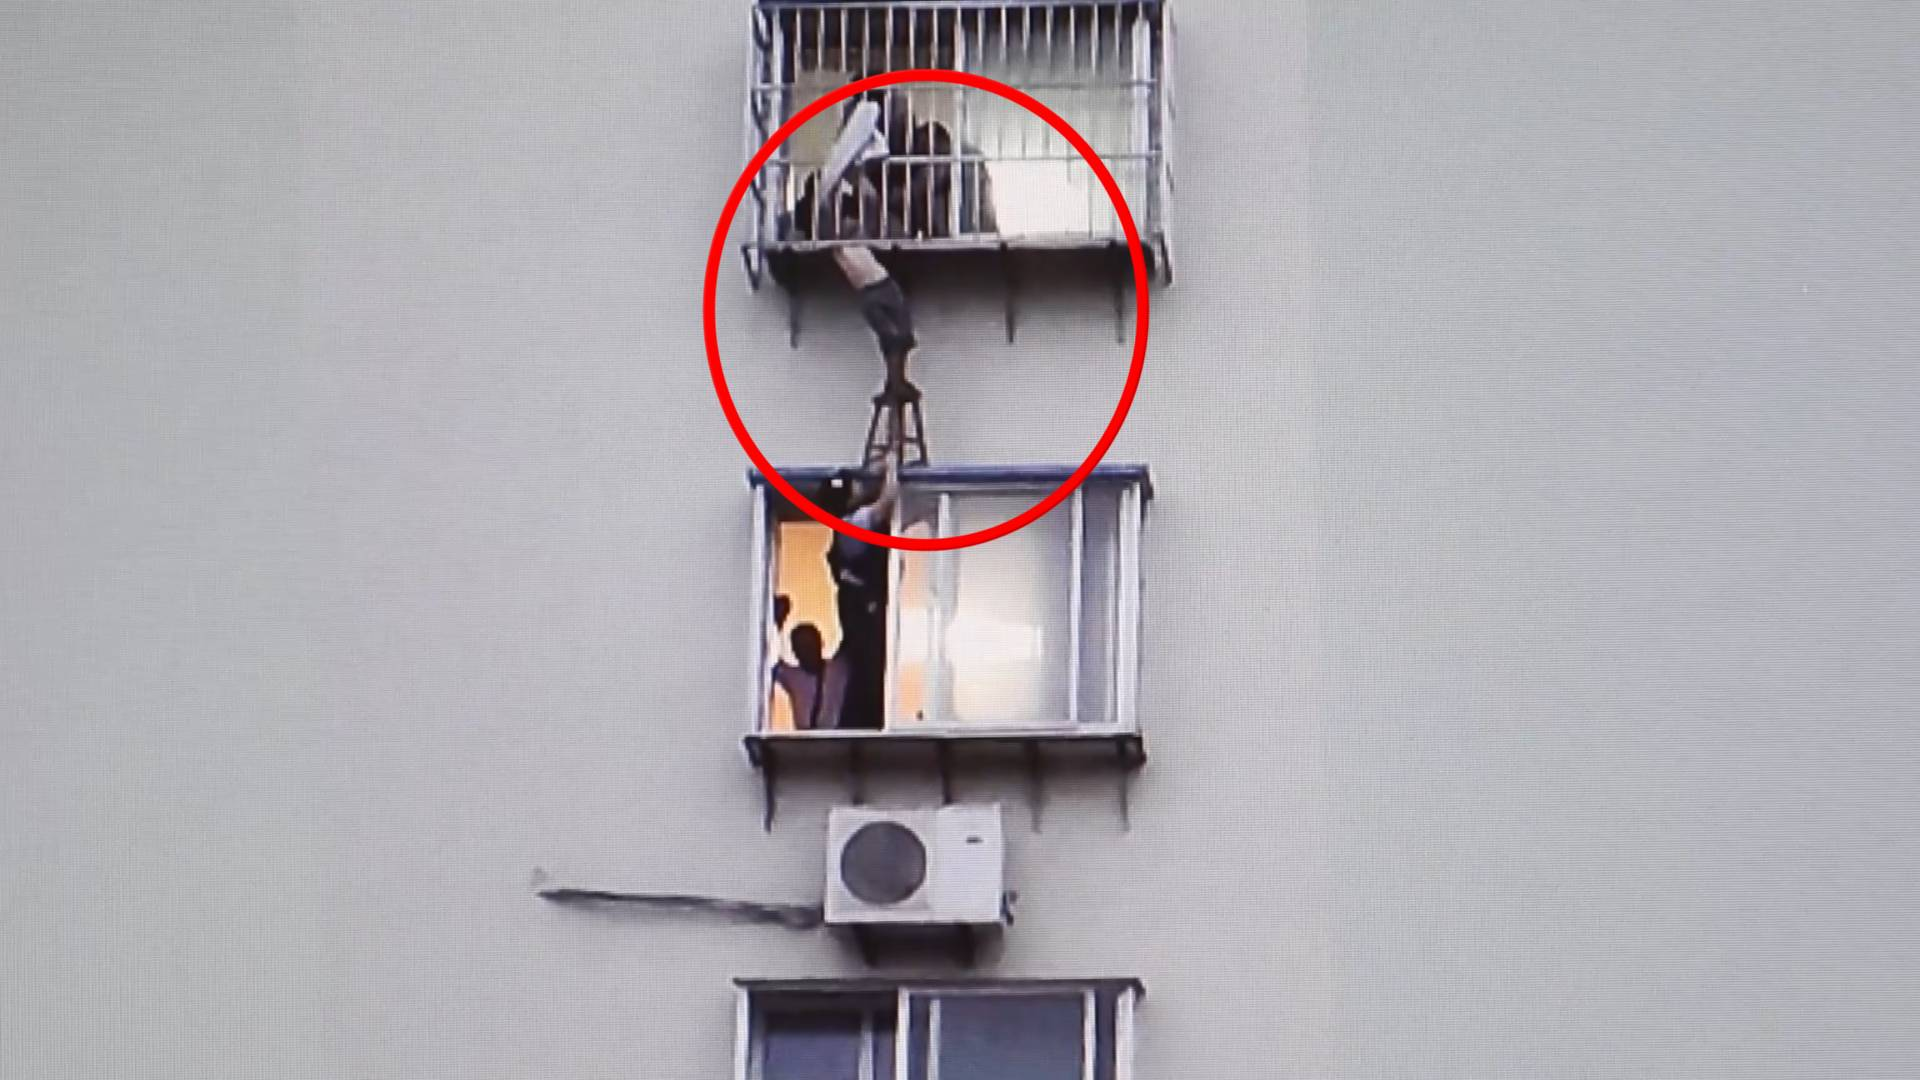 55秒丨命悬一线!烟台8岁男孩贪玩趴窗户 头卡6楼阳台外